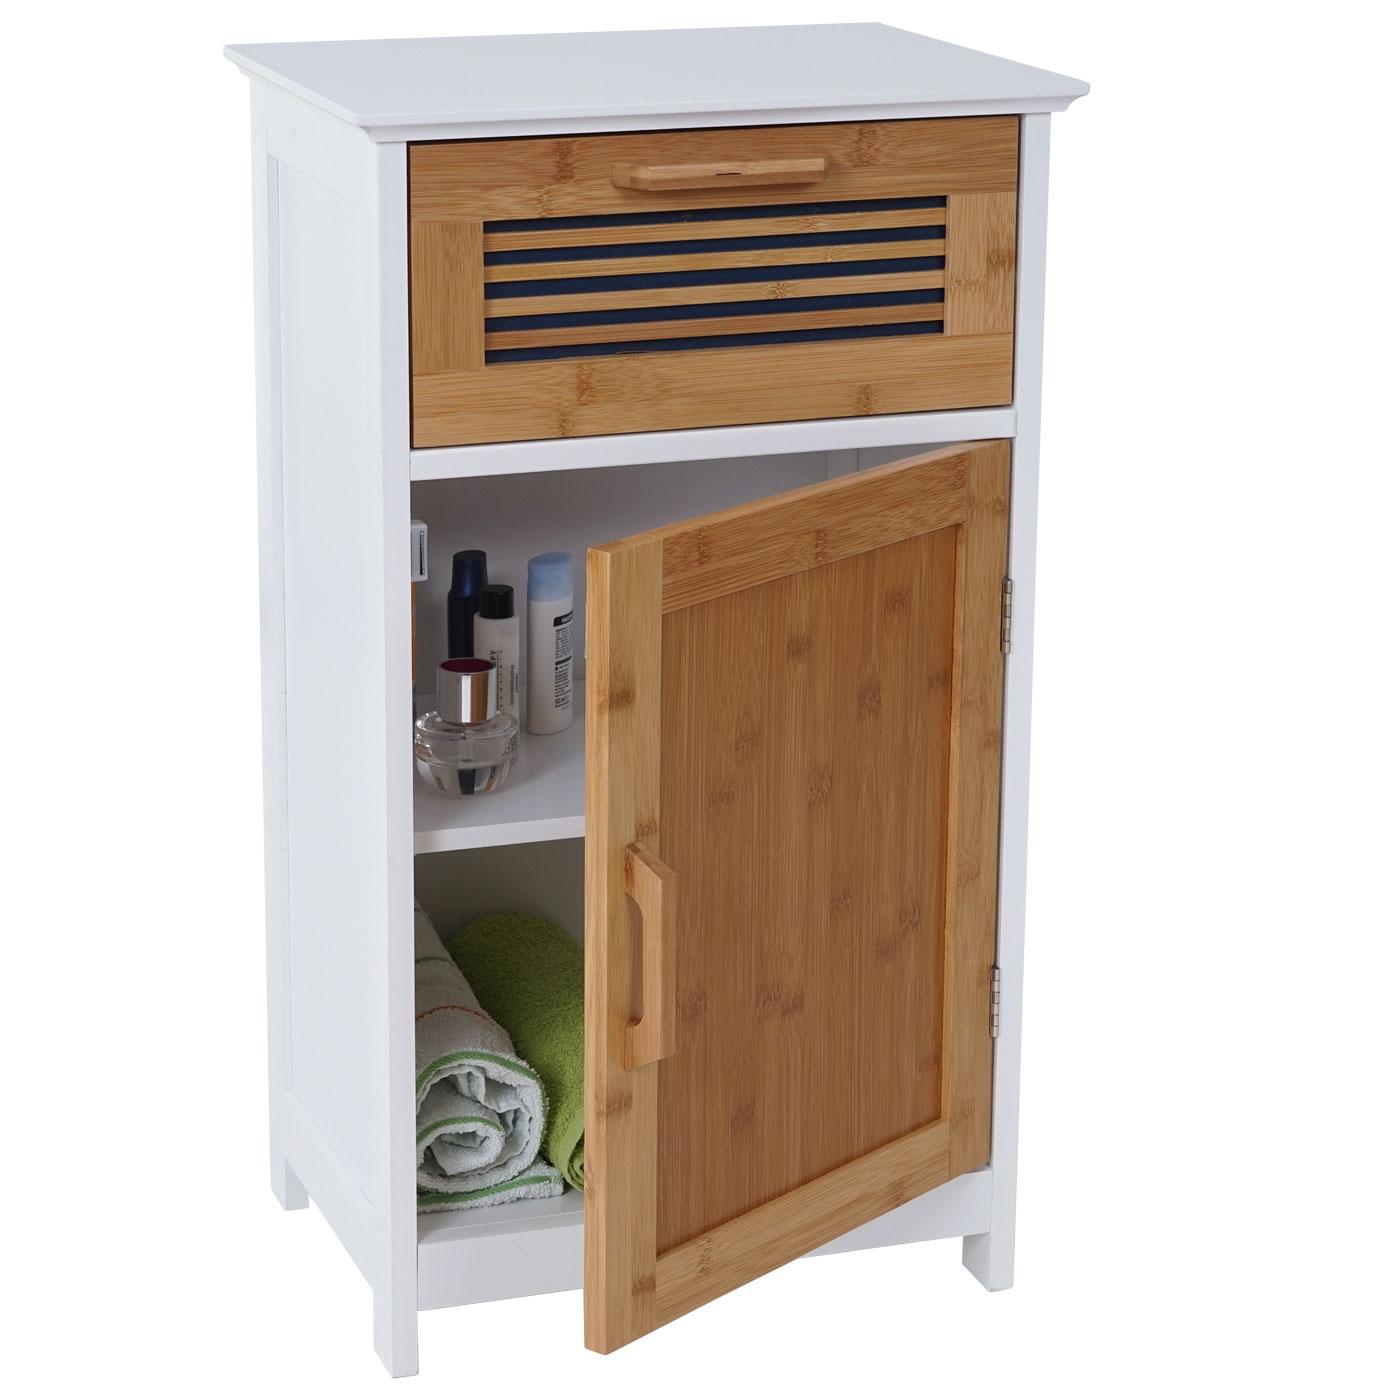 Möbel+Wohnen - Badezimmer - Teuer hat hier Shopverbot